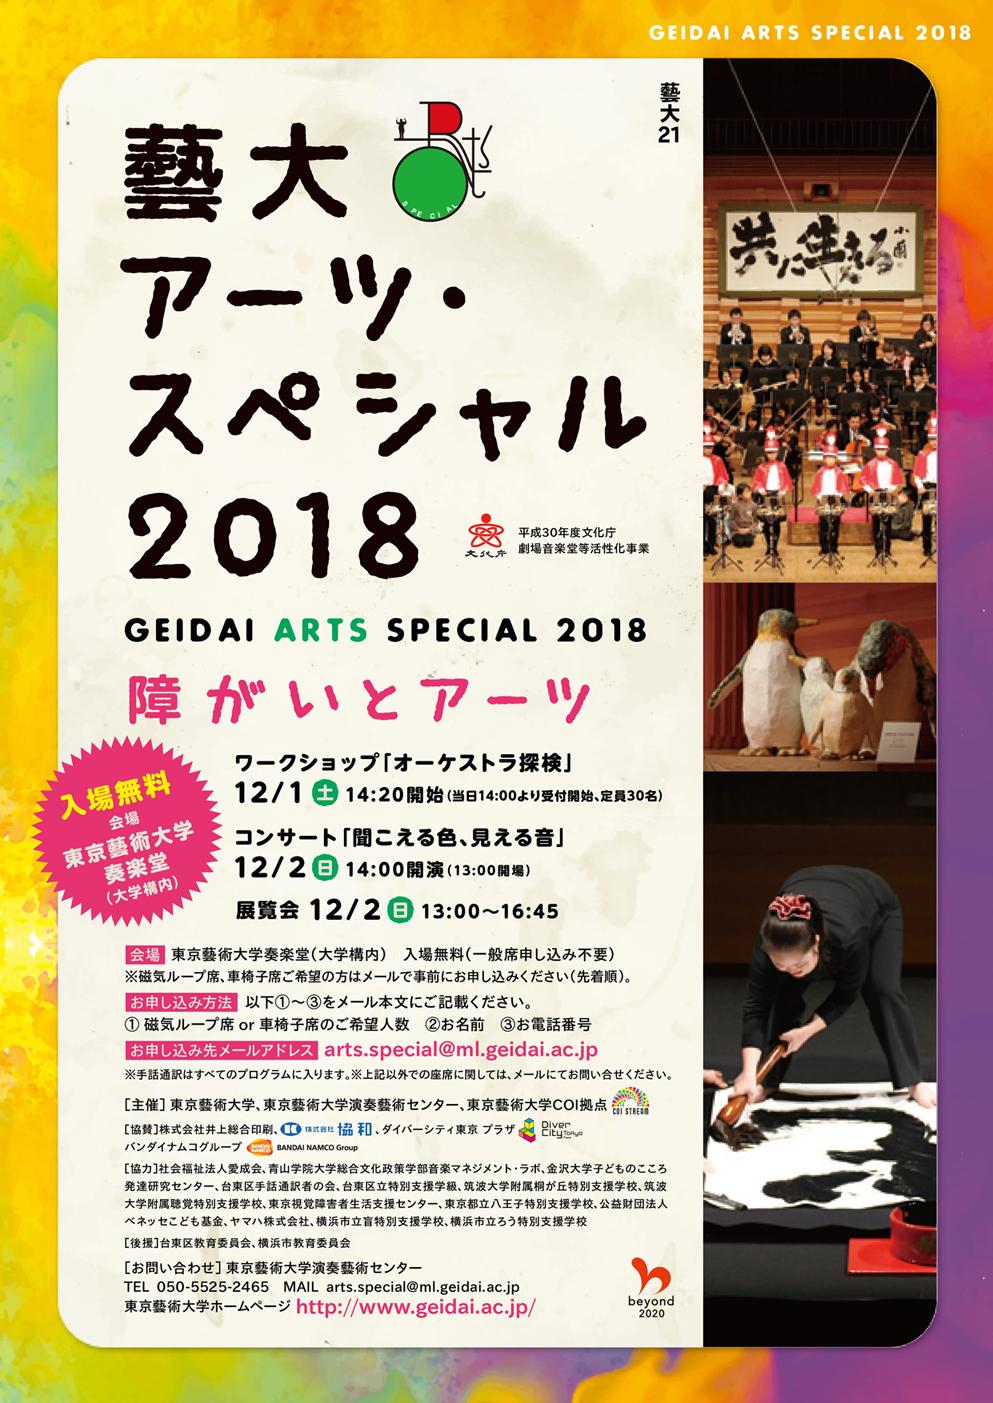 藝大21 藝大アーツ・スペシャル2018 障がいとアーツ